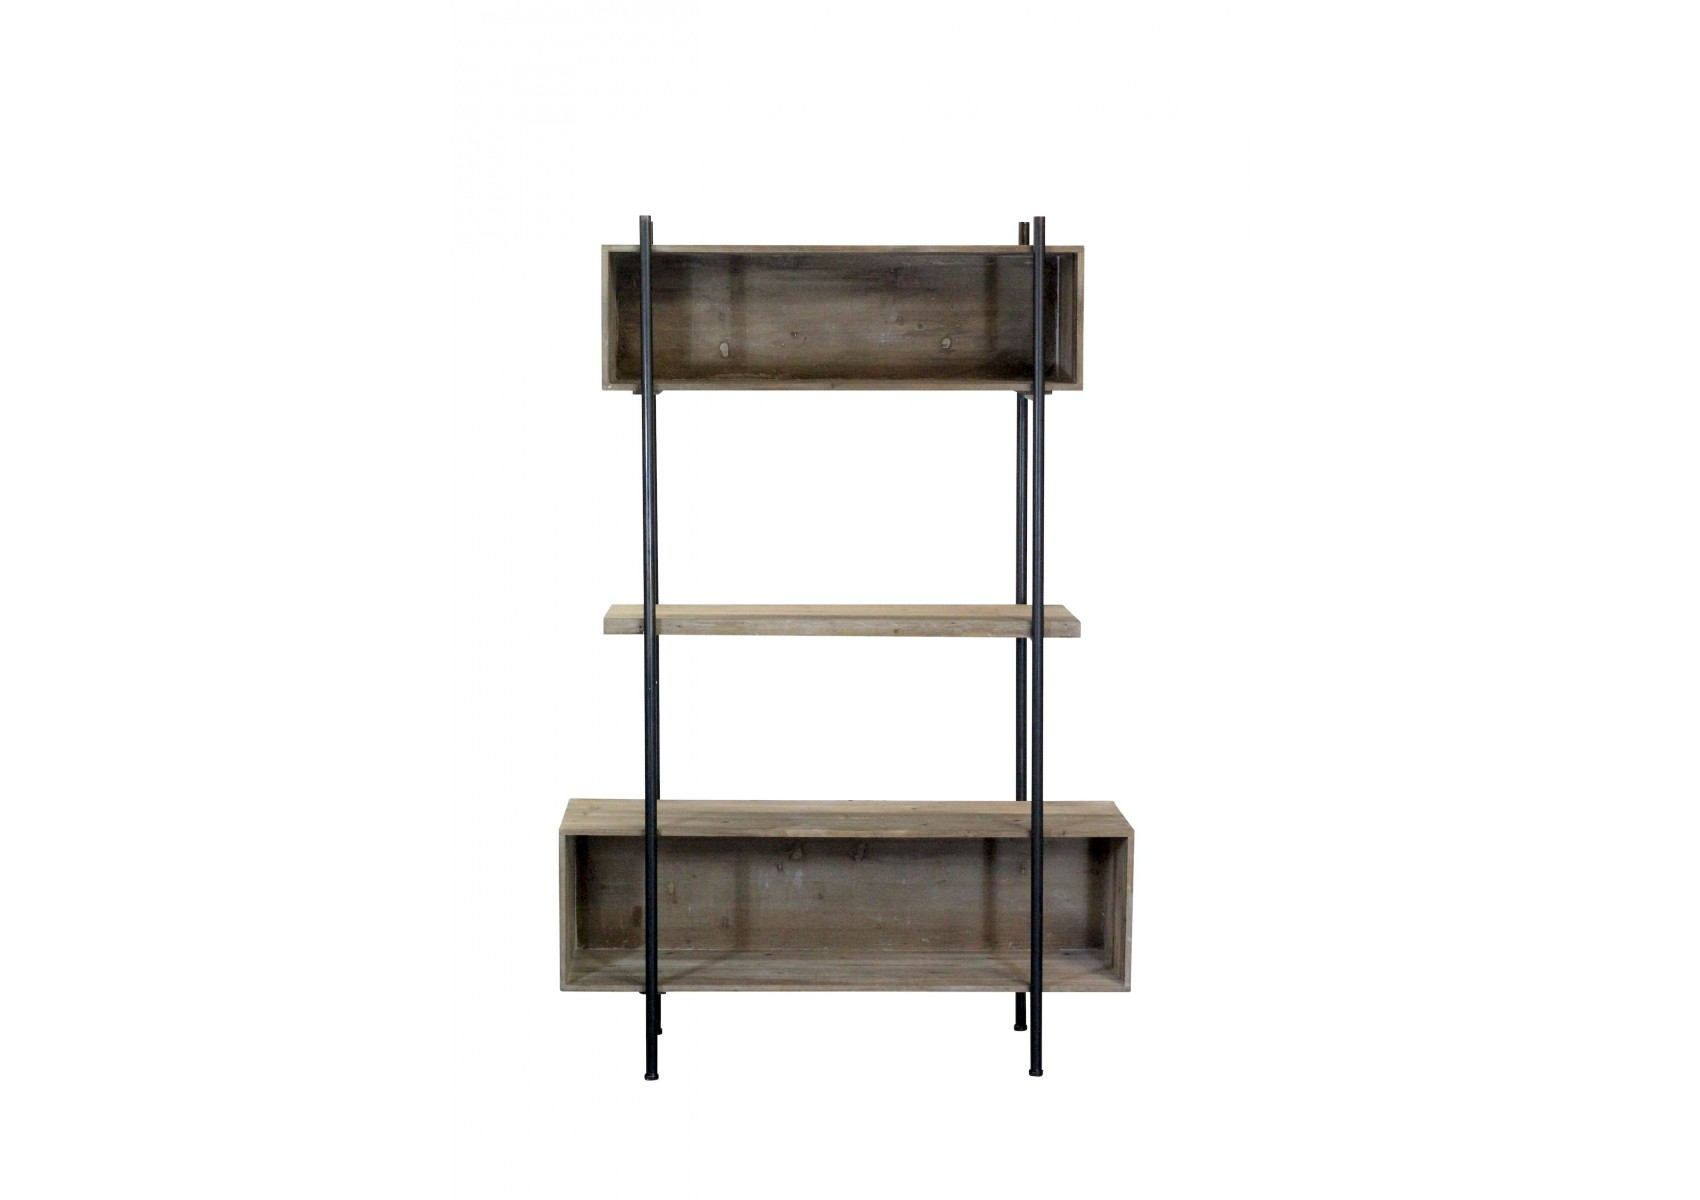 etag re industrielle shelter m tal noir et bois gris. Black Bedroom Furniture Sets. Home Design Ideas